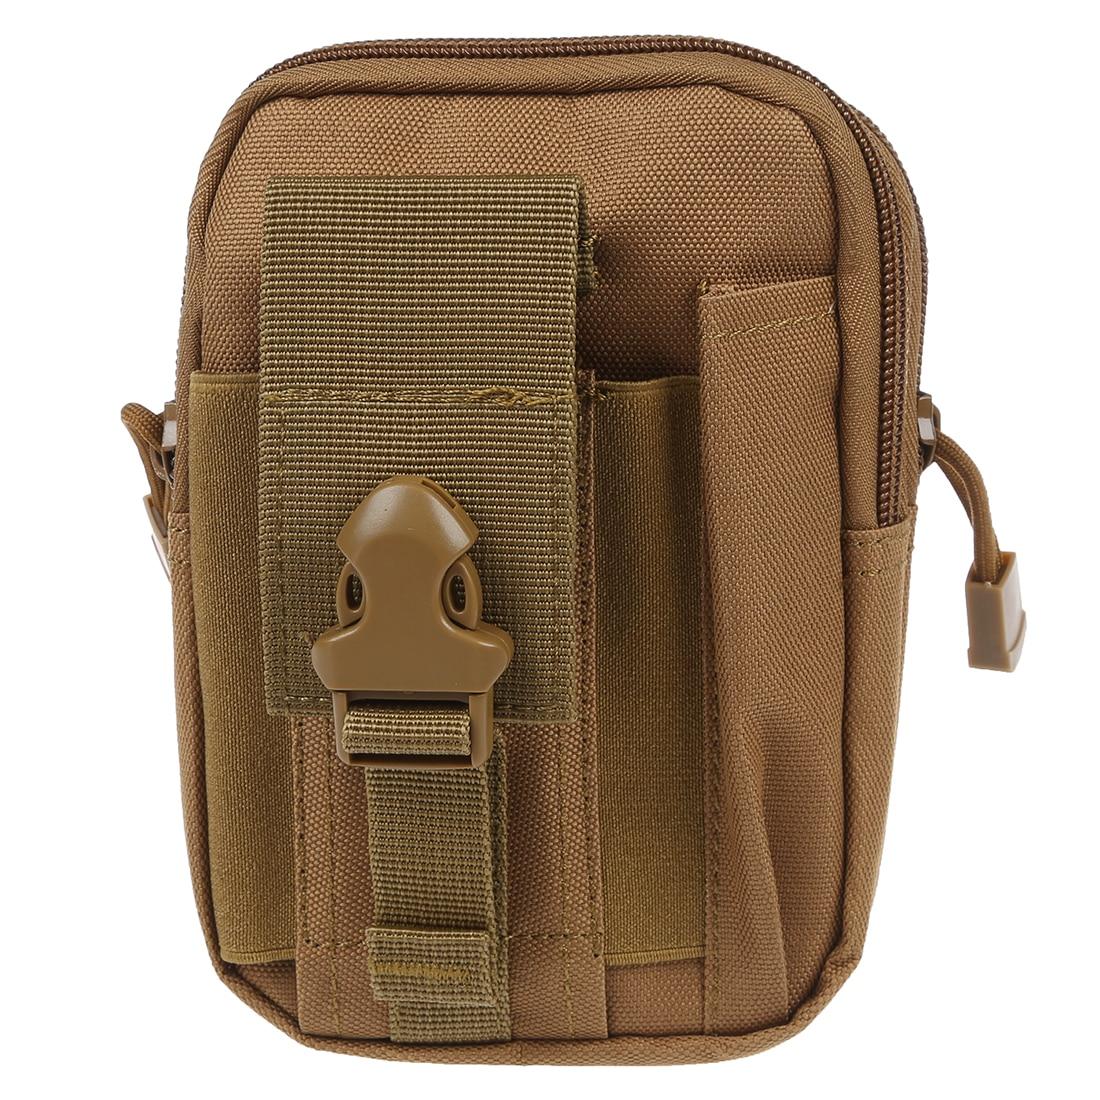 Tactical Molle Cintura Bolsas de Deporte Al Aire Libre de Los Hombres Paquete de